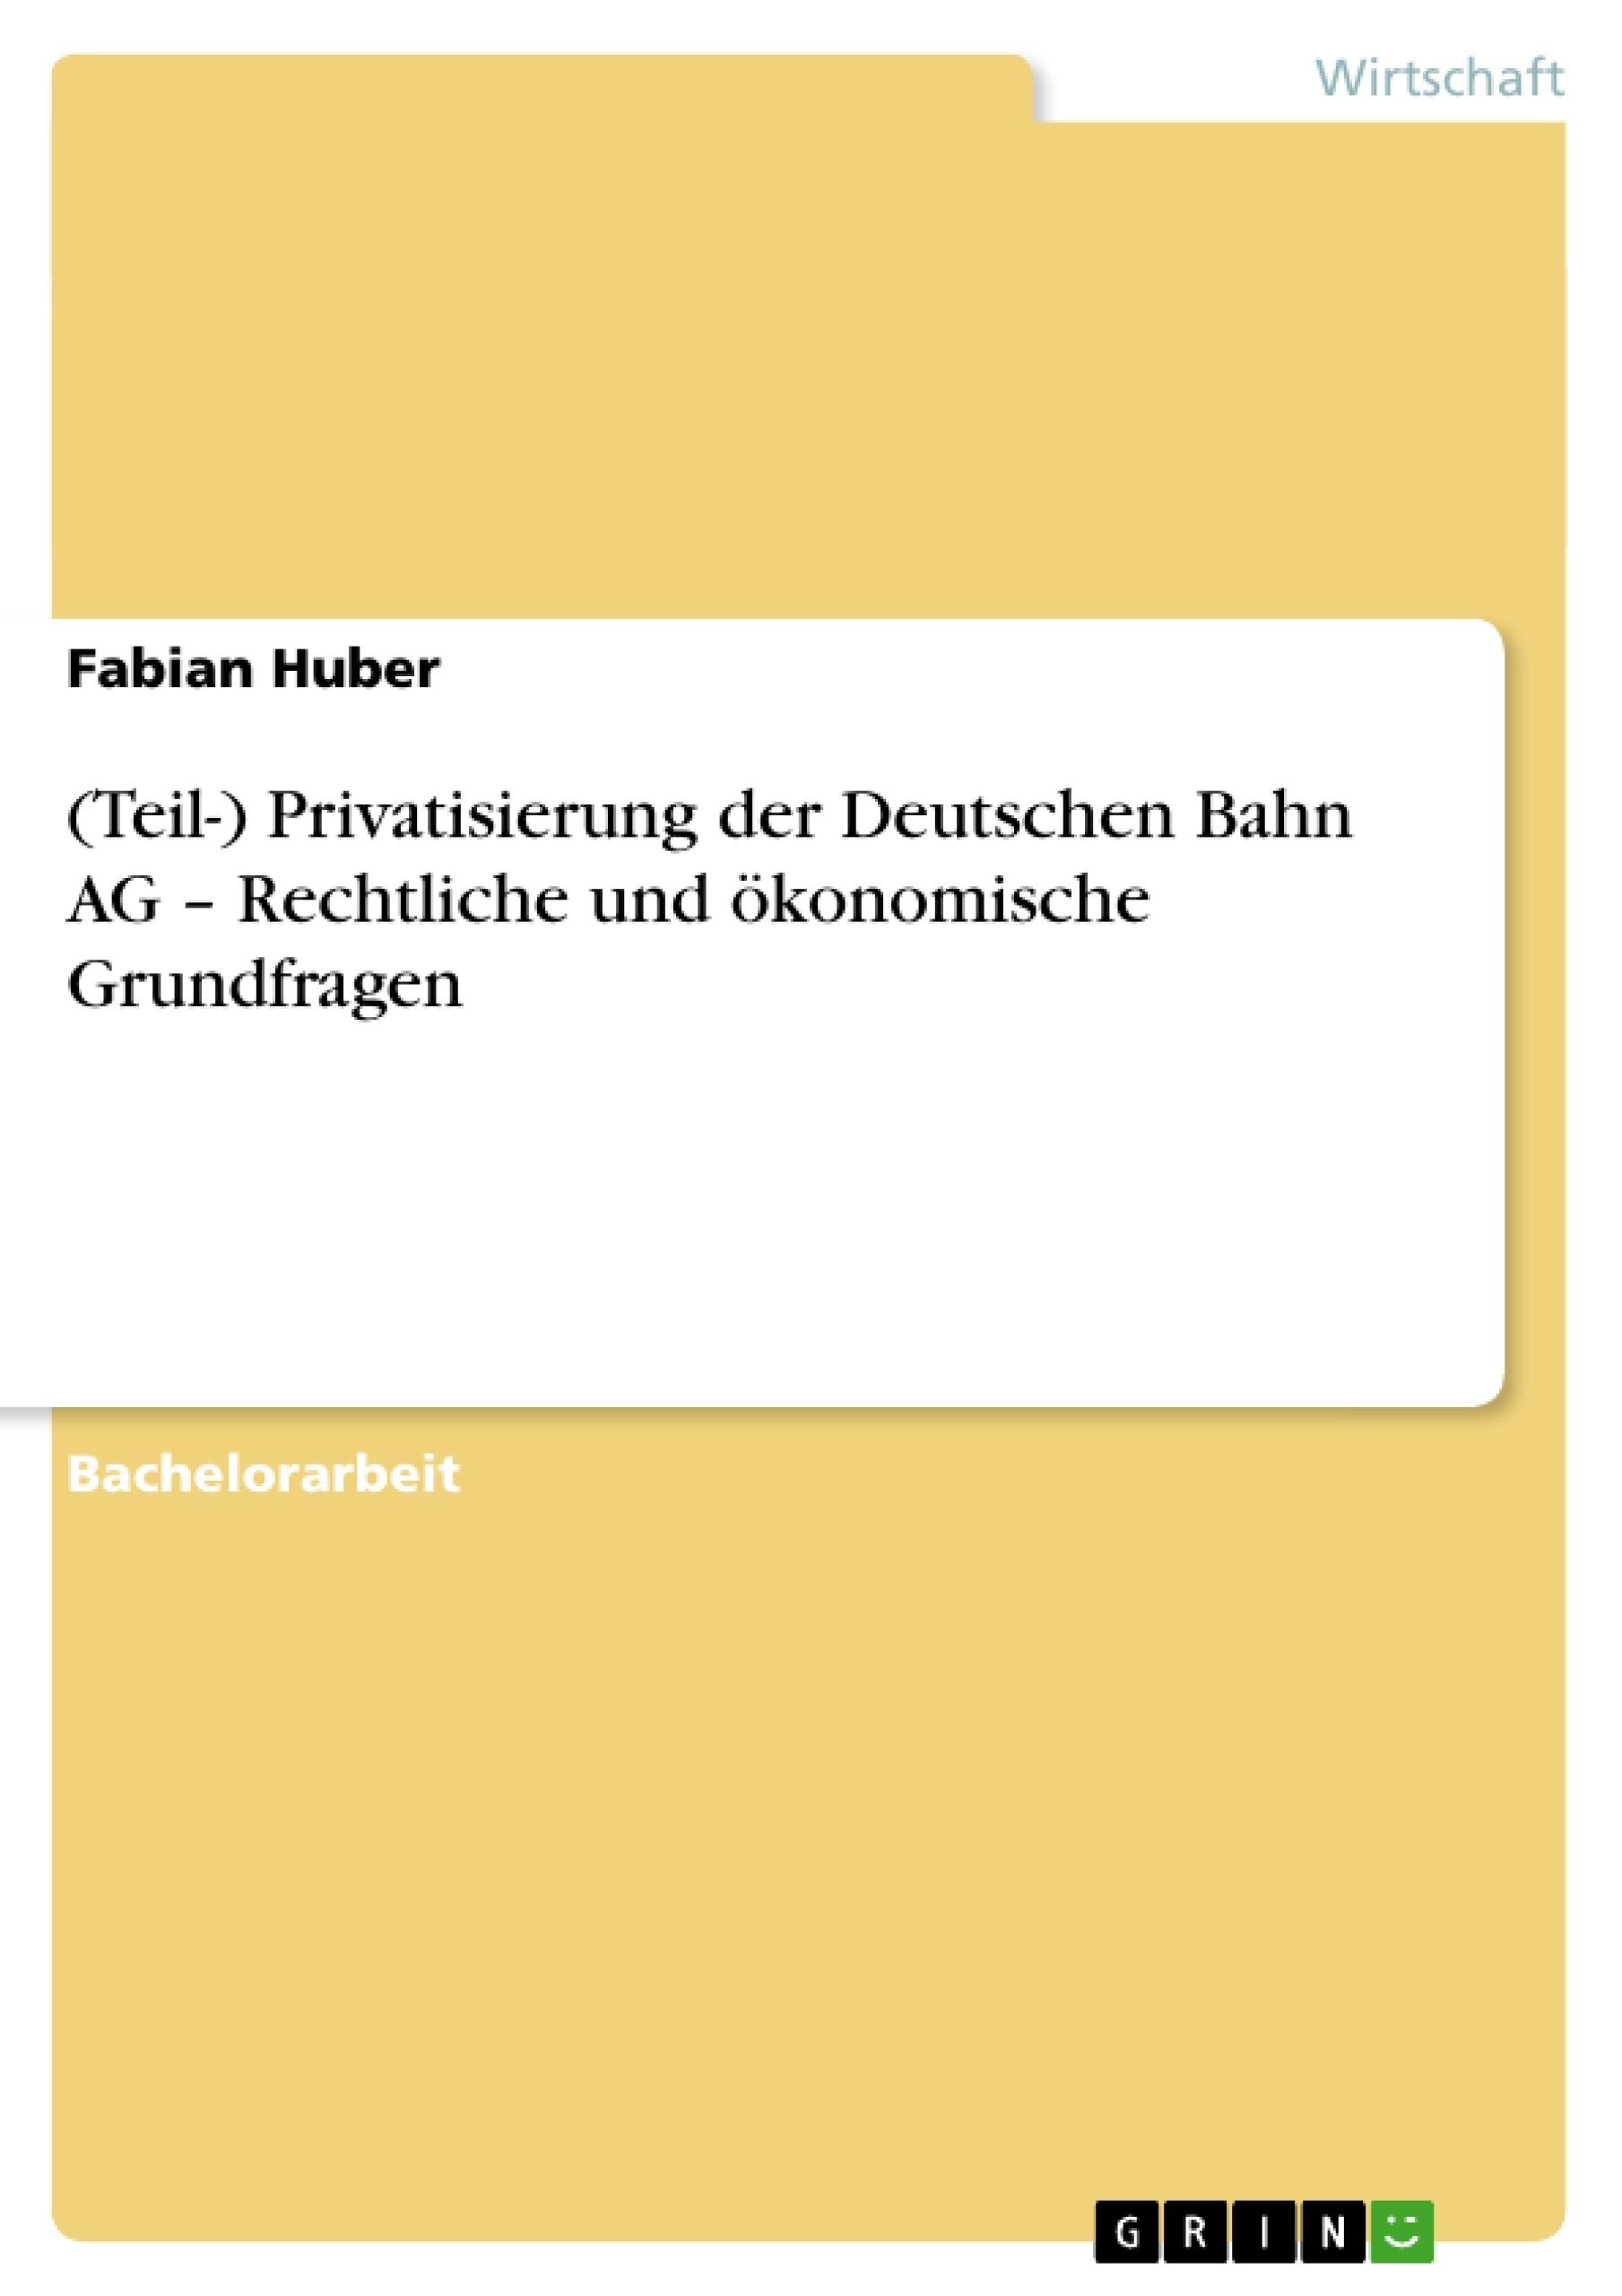 Titel: (Teil-) Privatisierung der Deutschen Bahn AG – Rechtliche und ökonomische Grundfragen